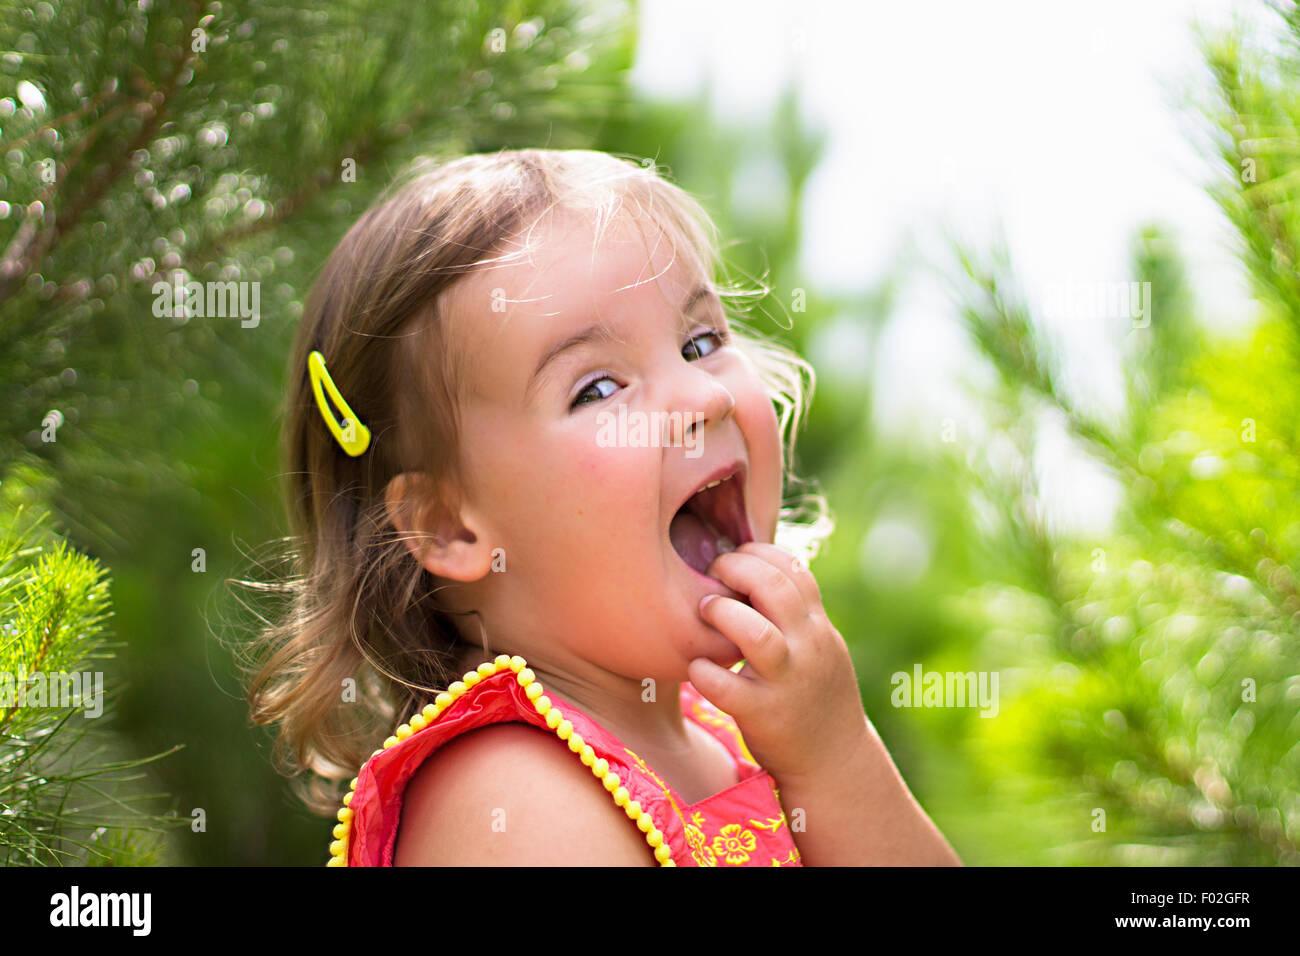 Chica con la mano en la cara riendo Imagen De Stock